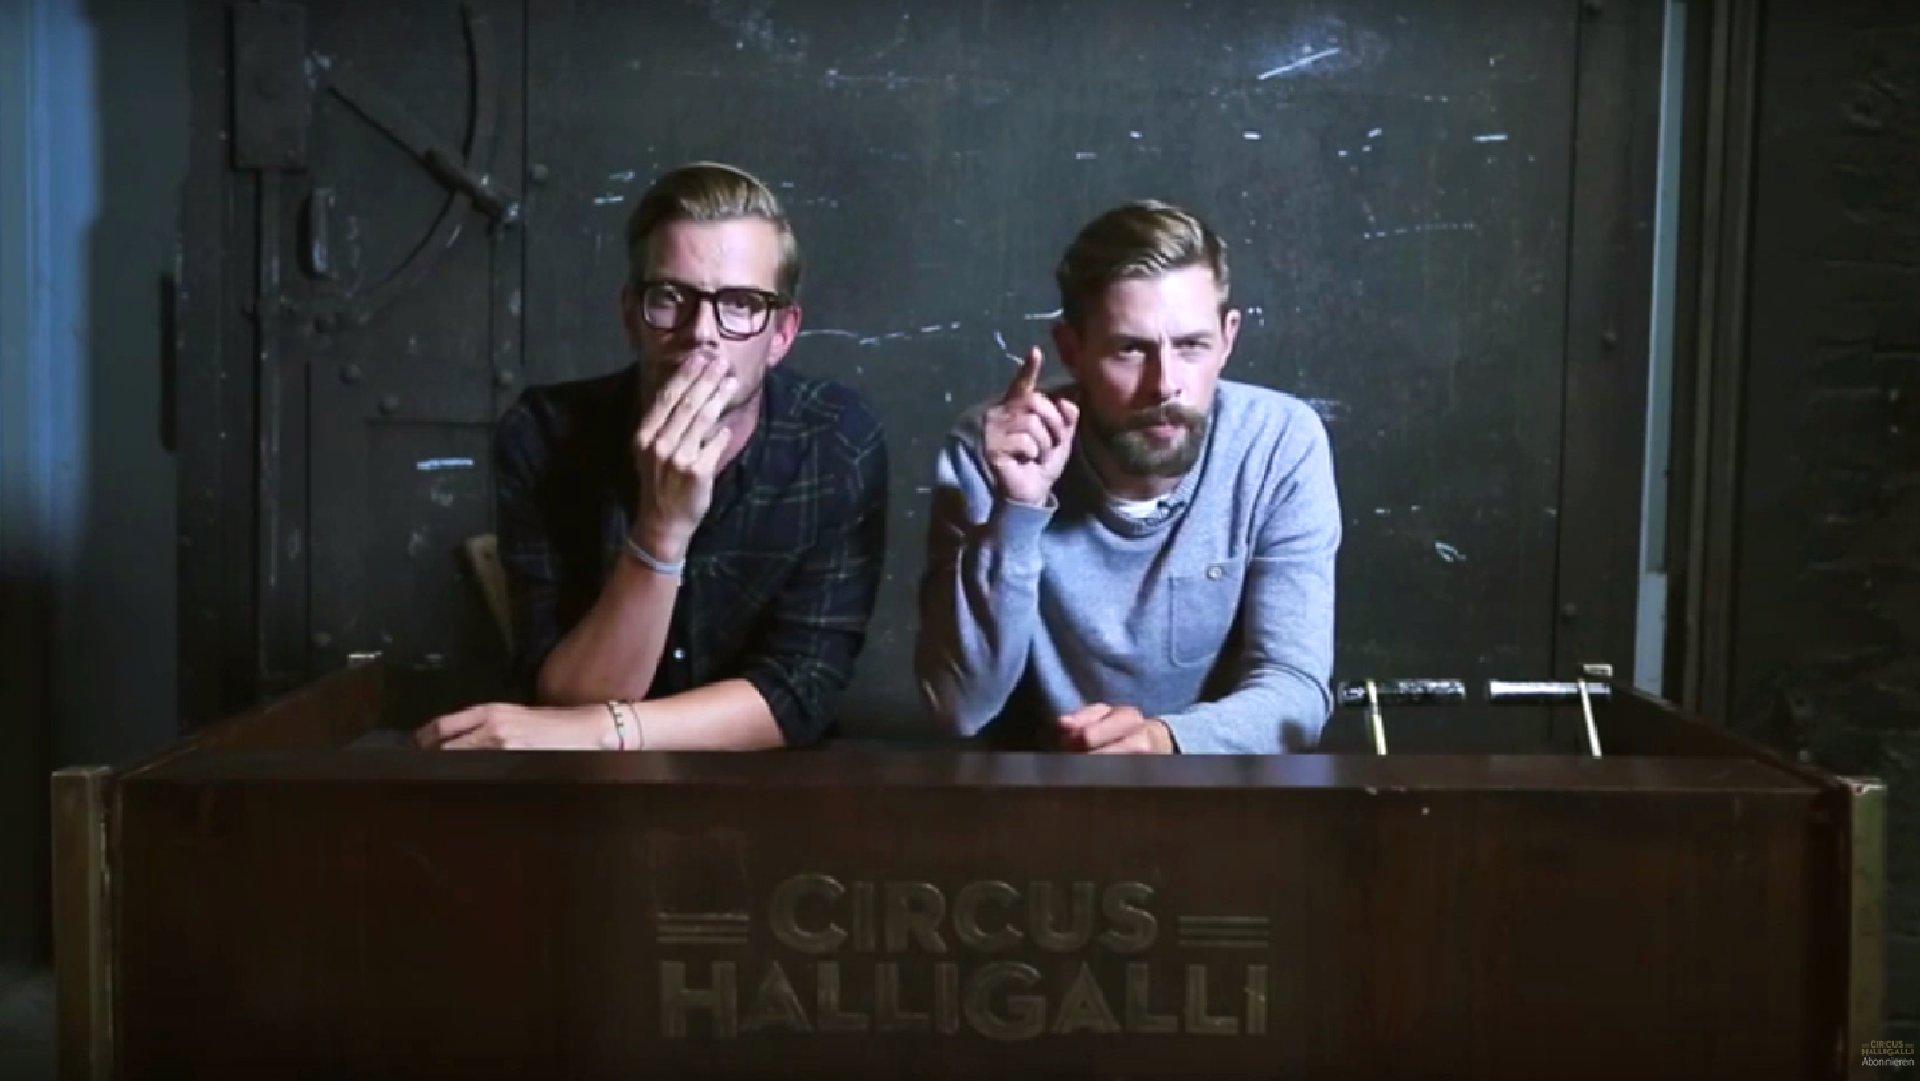 Joko und Klaas (Circus Halligalli) richten sich mit ihrer Videobotschaft an rechte Hetzer, 2015.